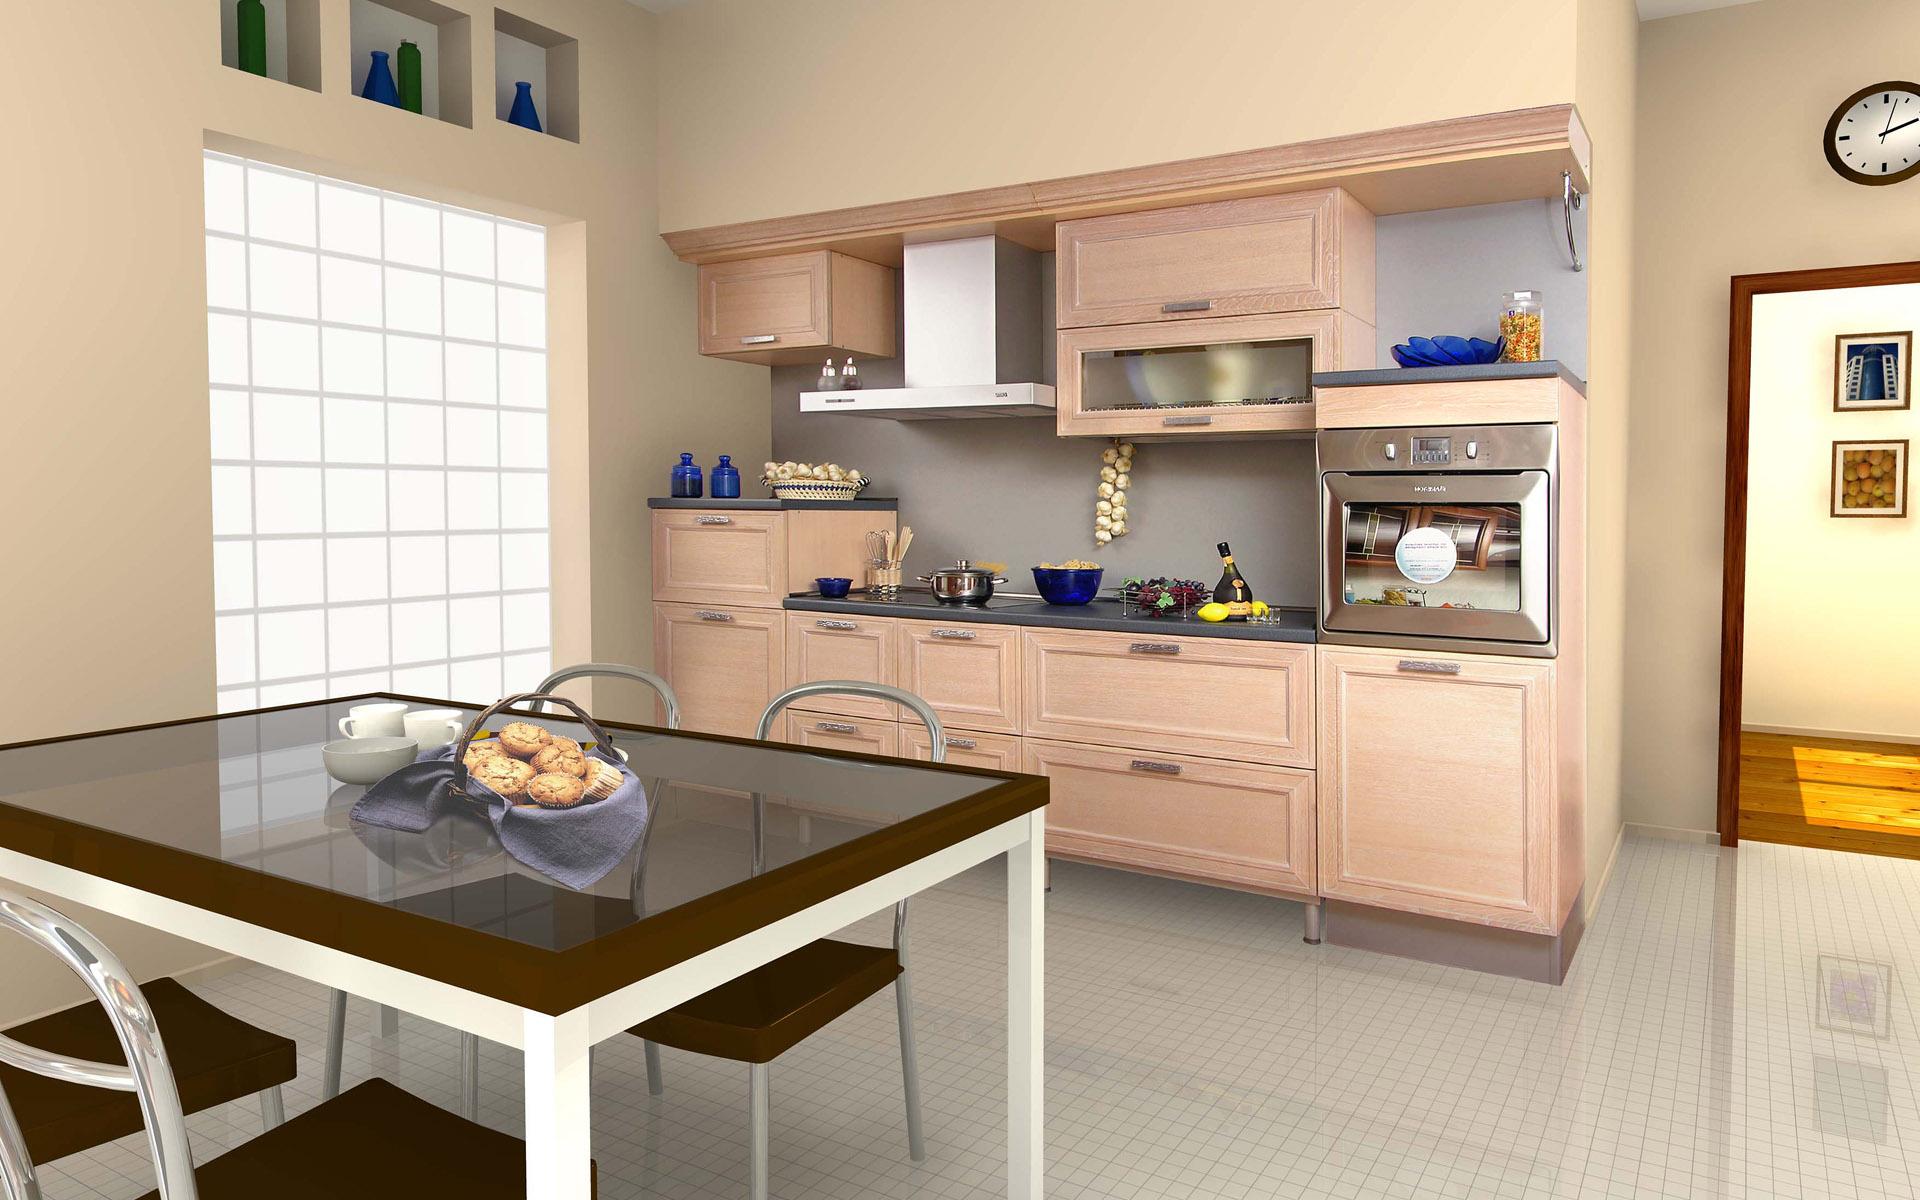 kitchen-interior-design-lighting kitchen interior design lighting